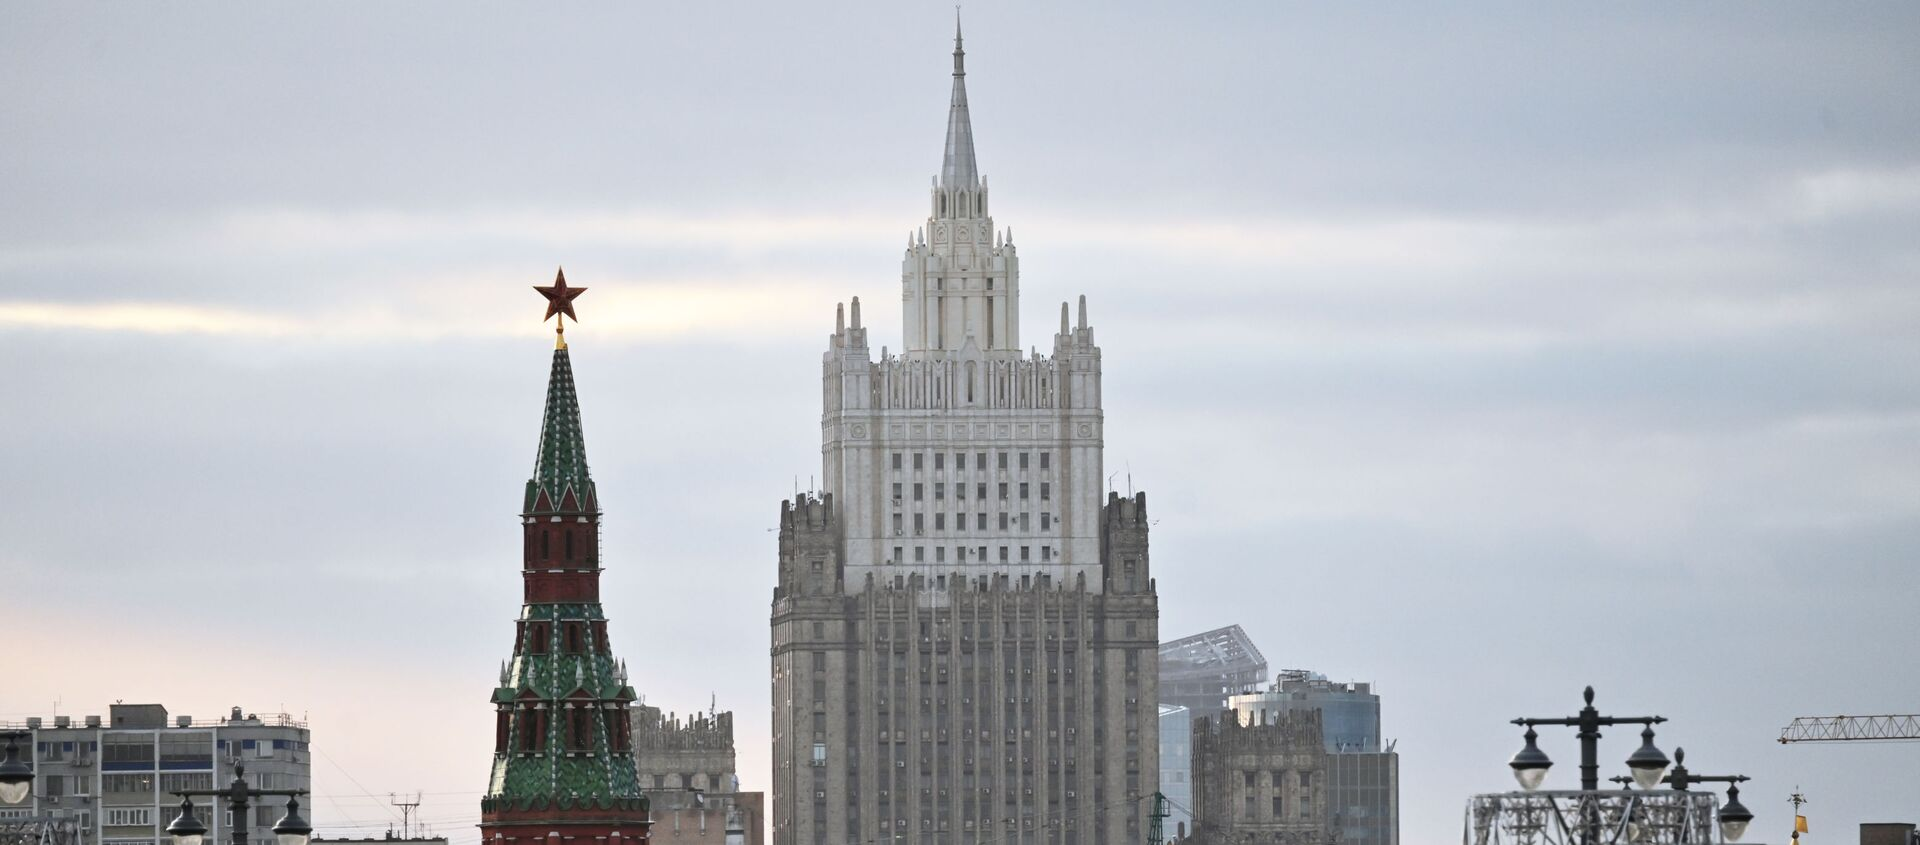 Здание Министерства иностранных дел РФ - Sputnik Аҧсны, 1920, 17.04.2021